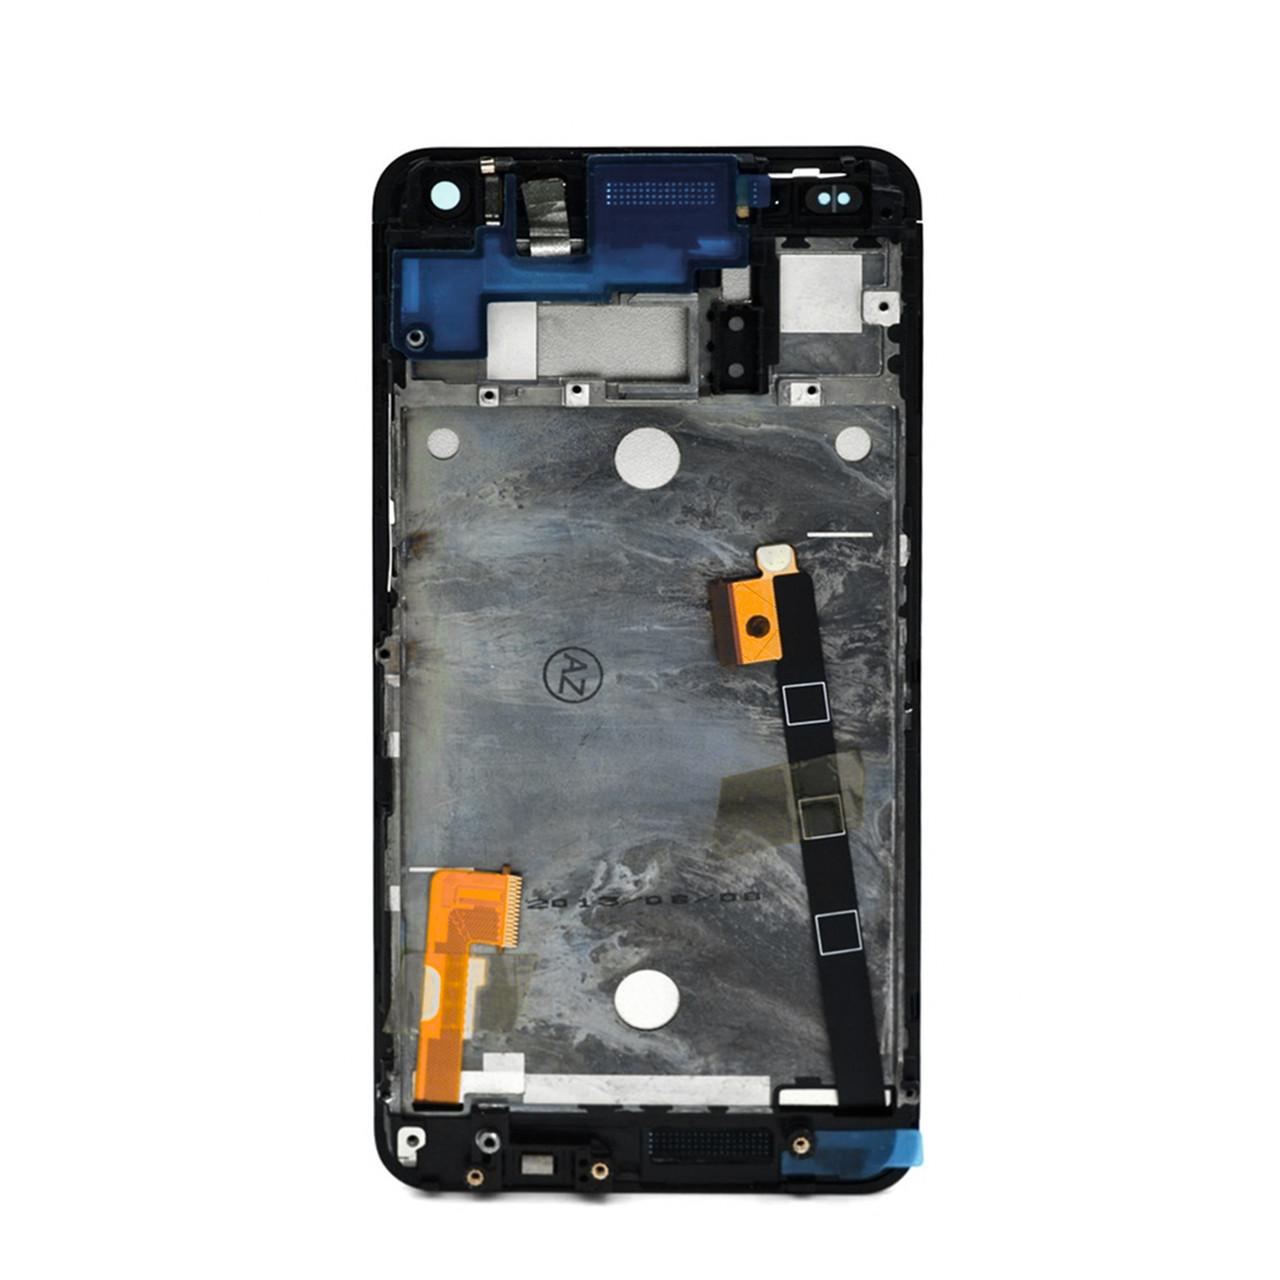 Дисплей HTC One Dual Sim в сборе с рамкой Black (31)